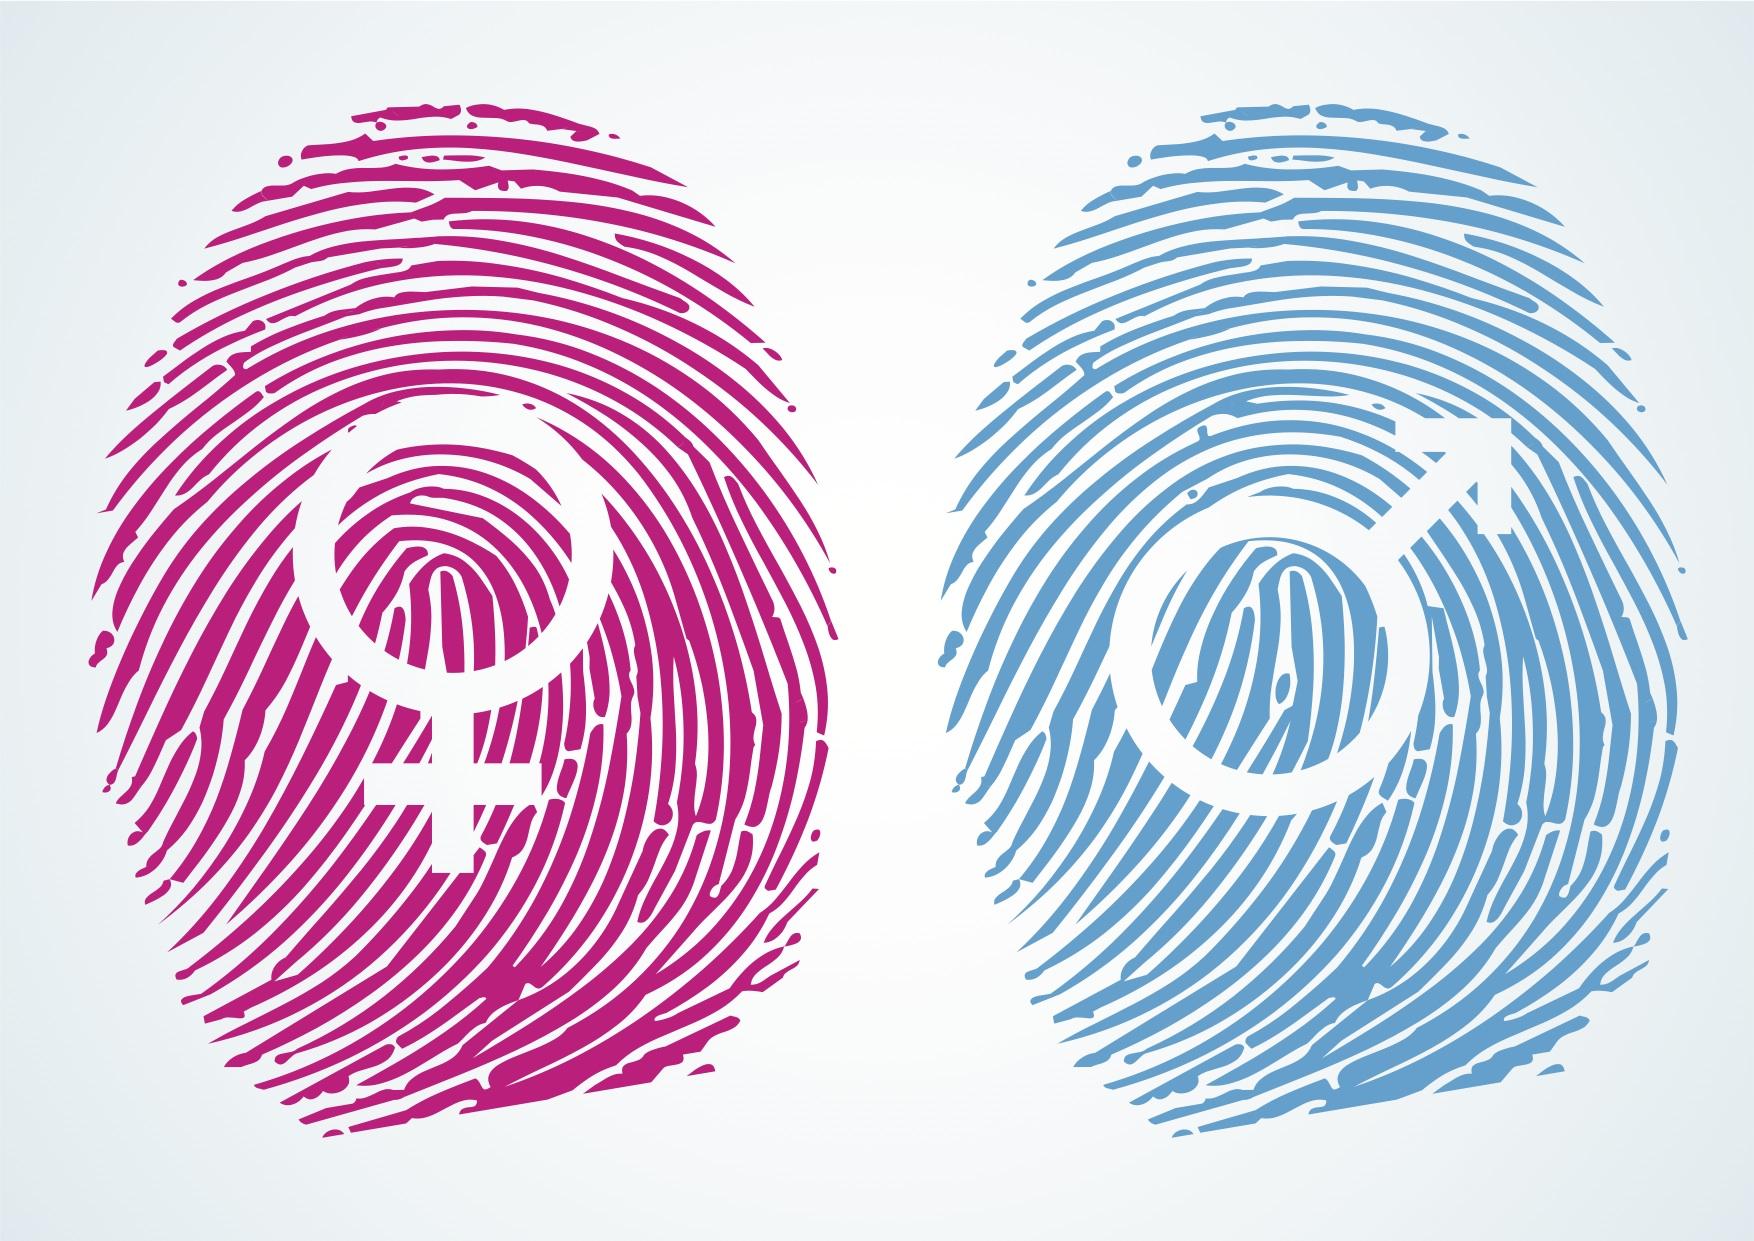 Αποτέλεσμα εικόνας για ταυτοτητα φυλου